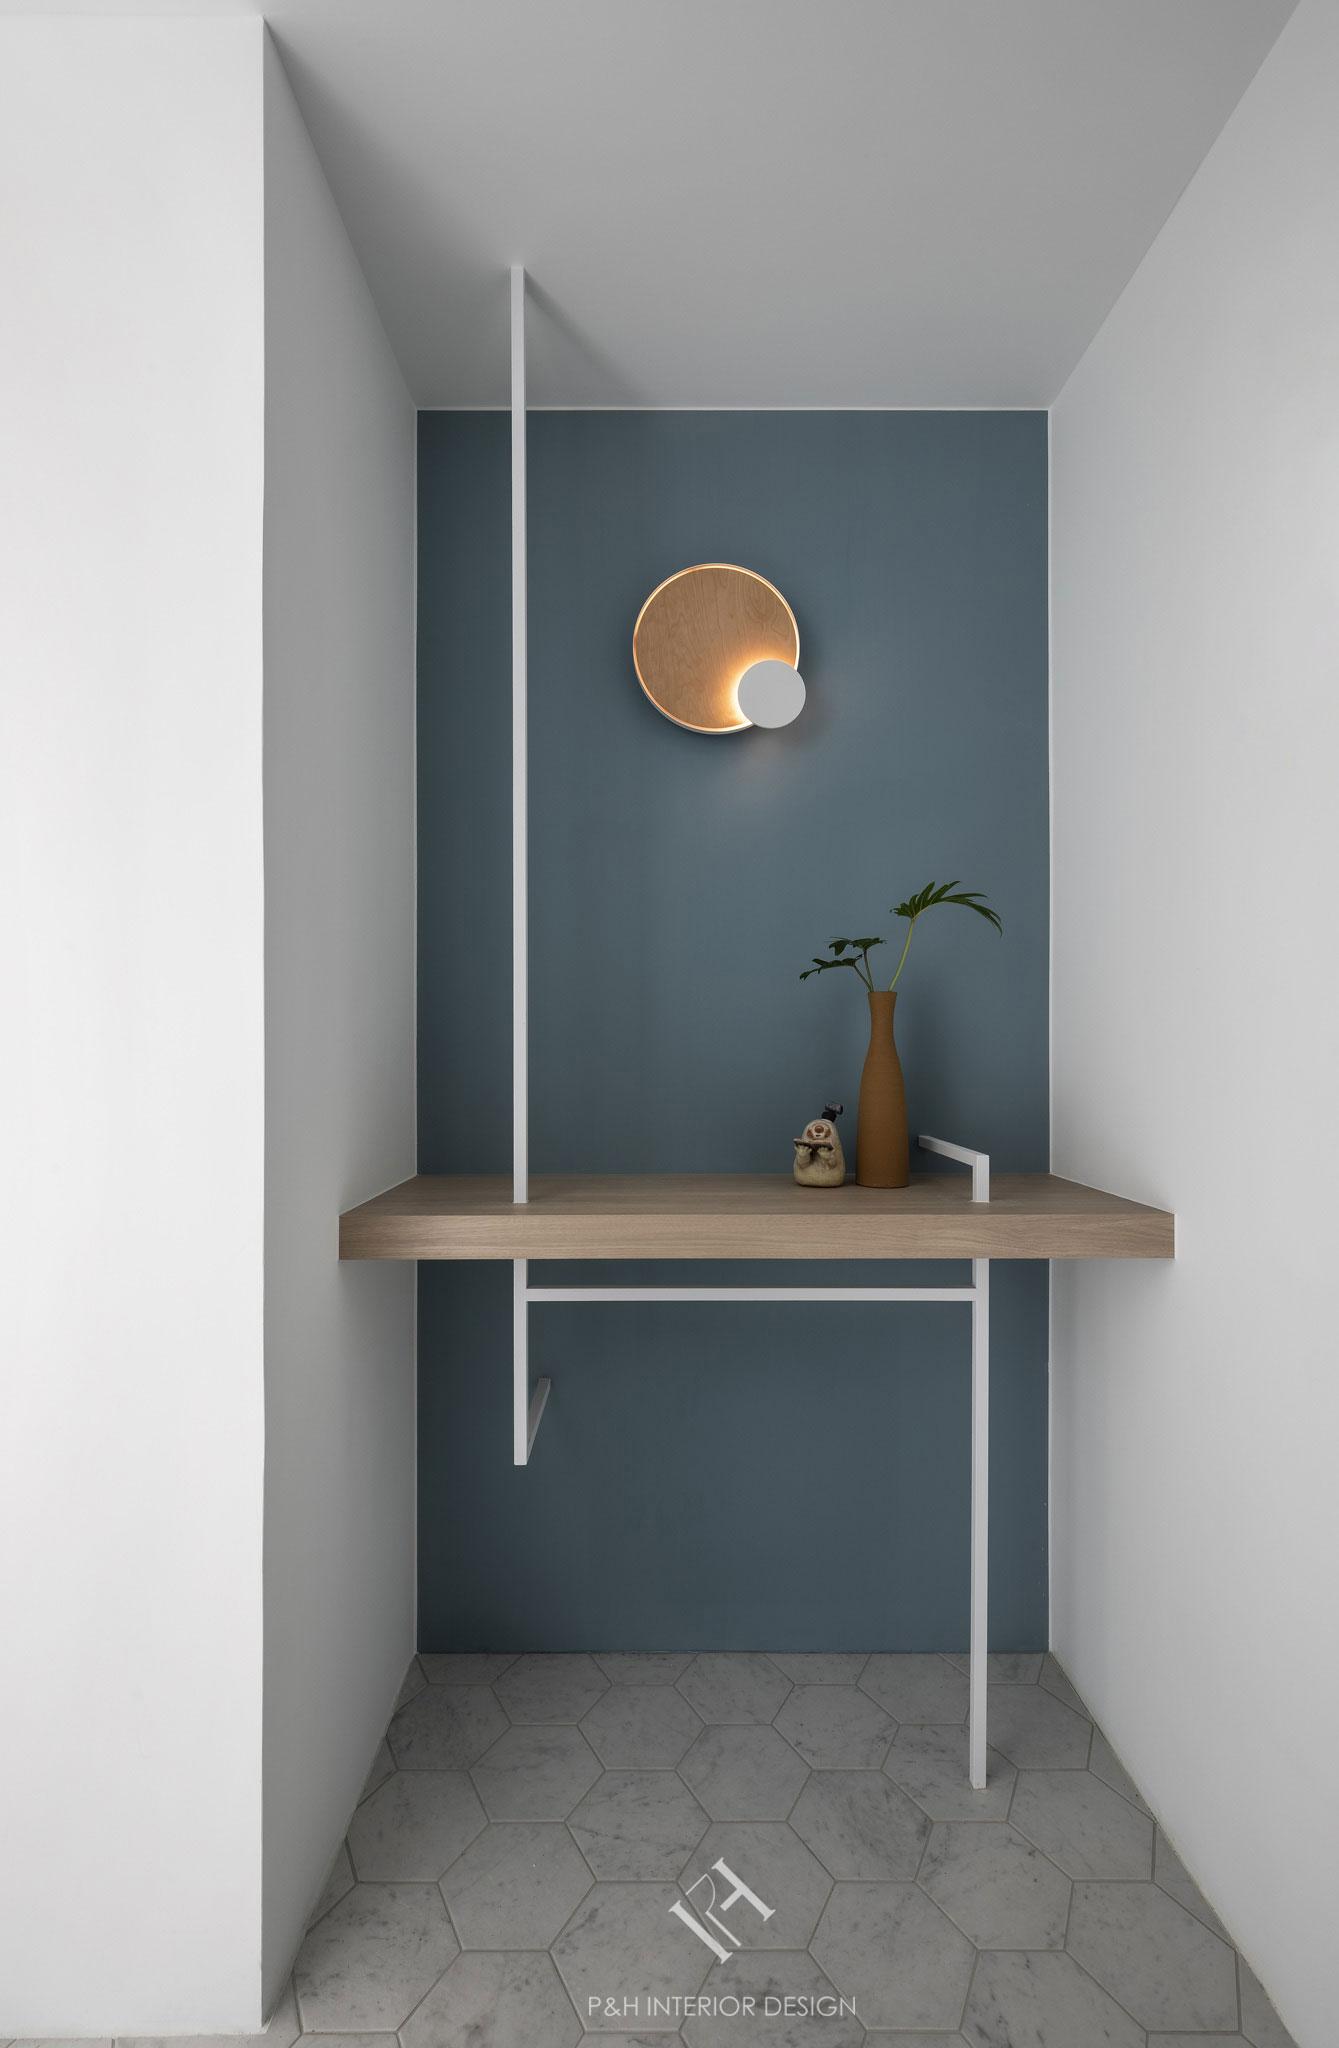 20201116_準十設計_集合壁燈